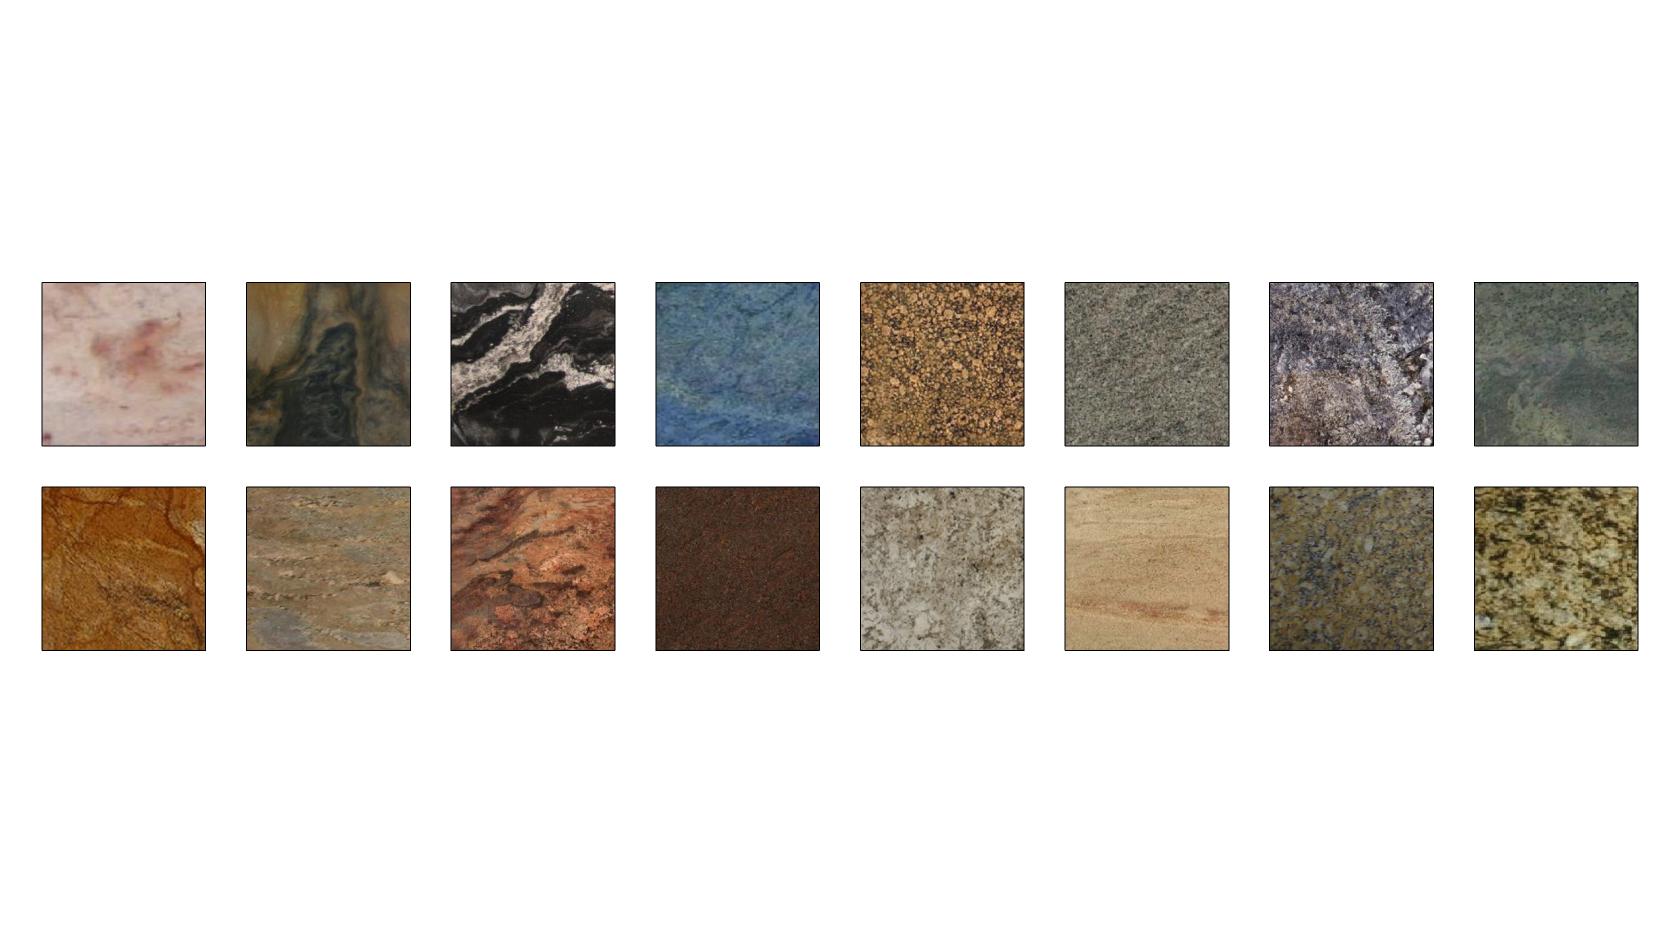 Granite1.png